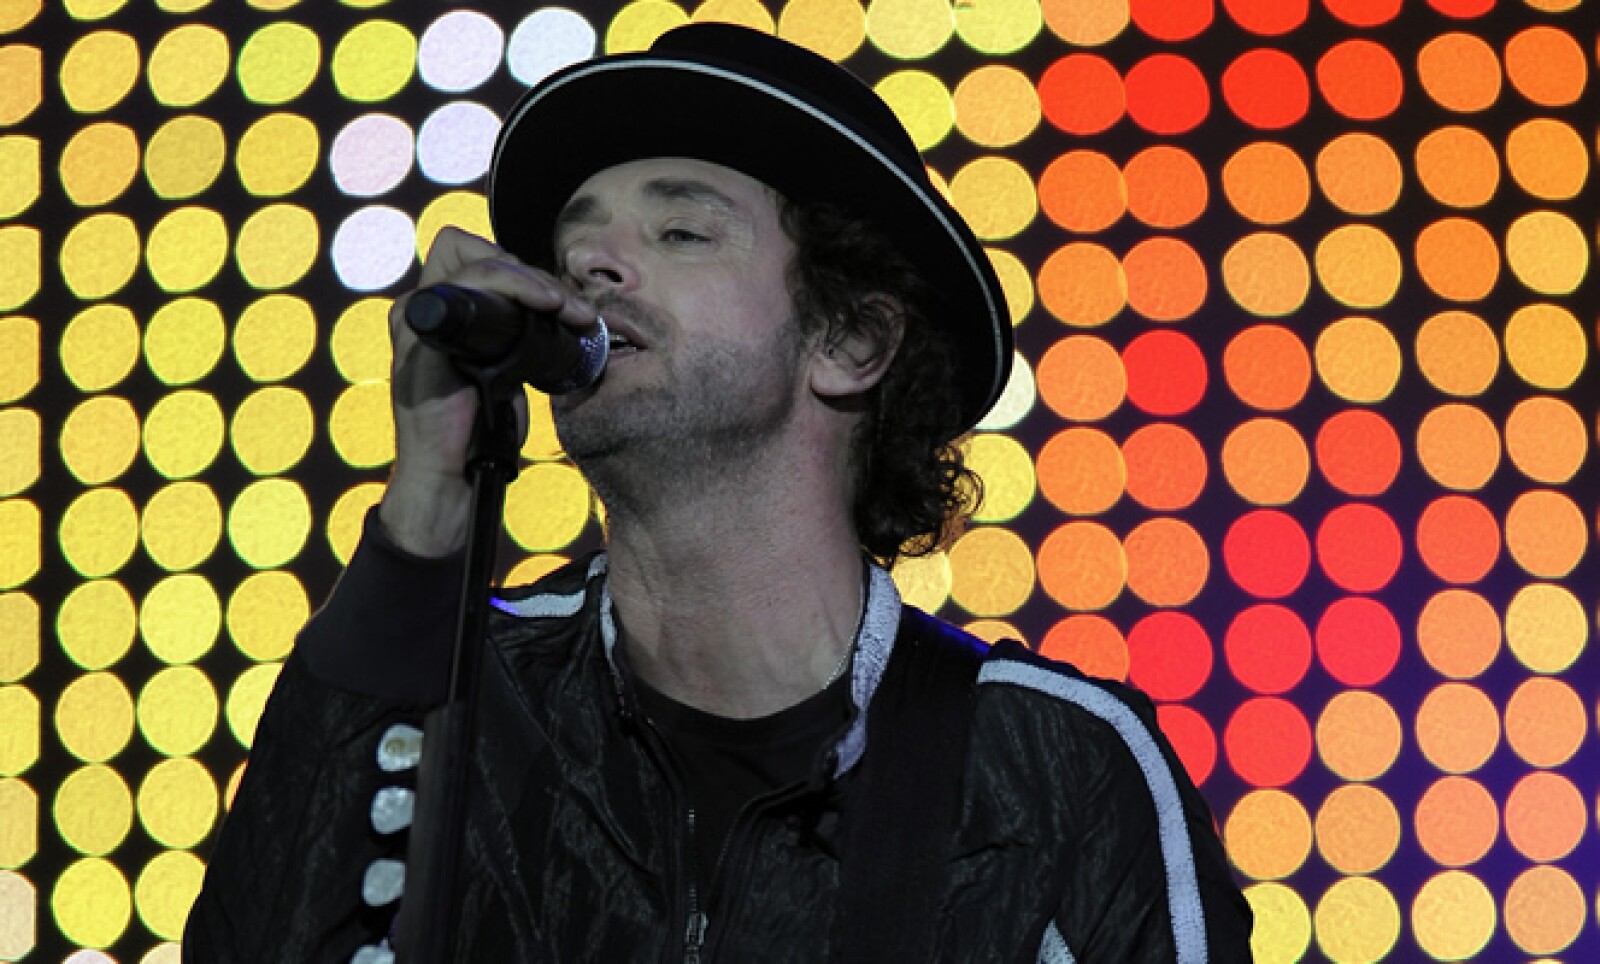 El ícono del rock argentino donó parte de su talento para apoyar asociaciones de caridad como en 2008 cuando cantó para un evento de ALAS.